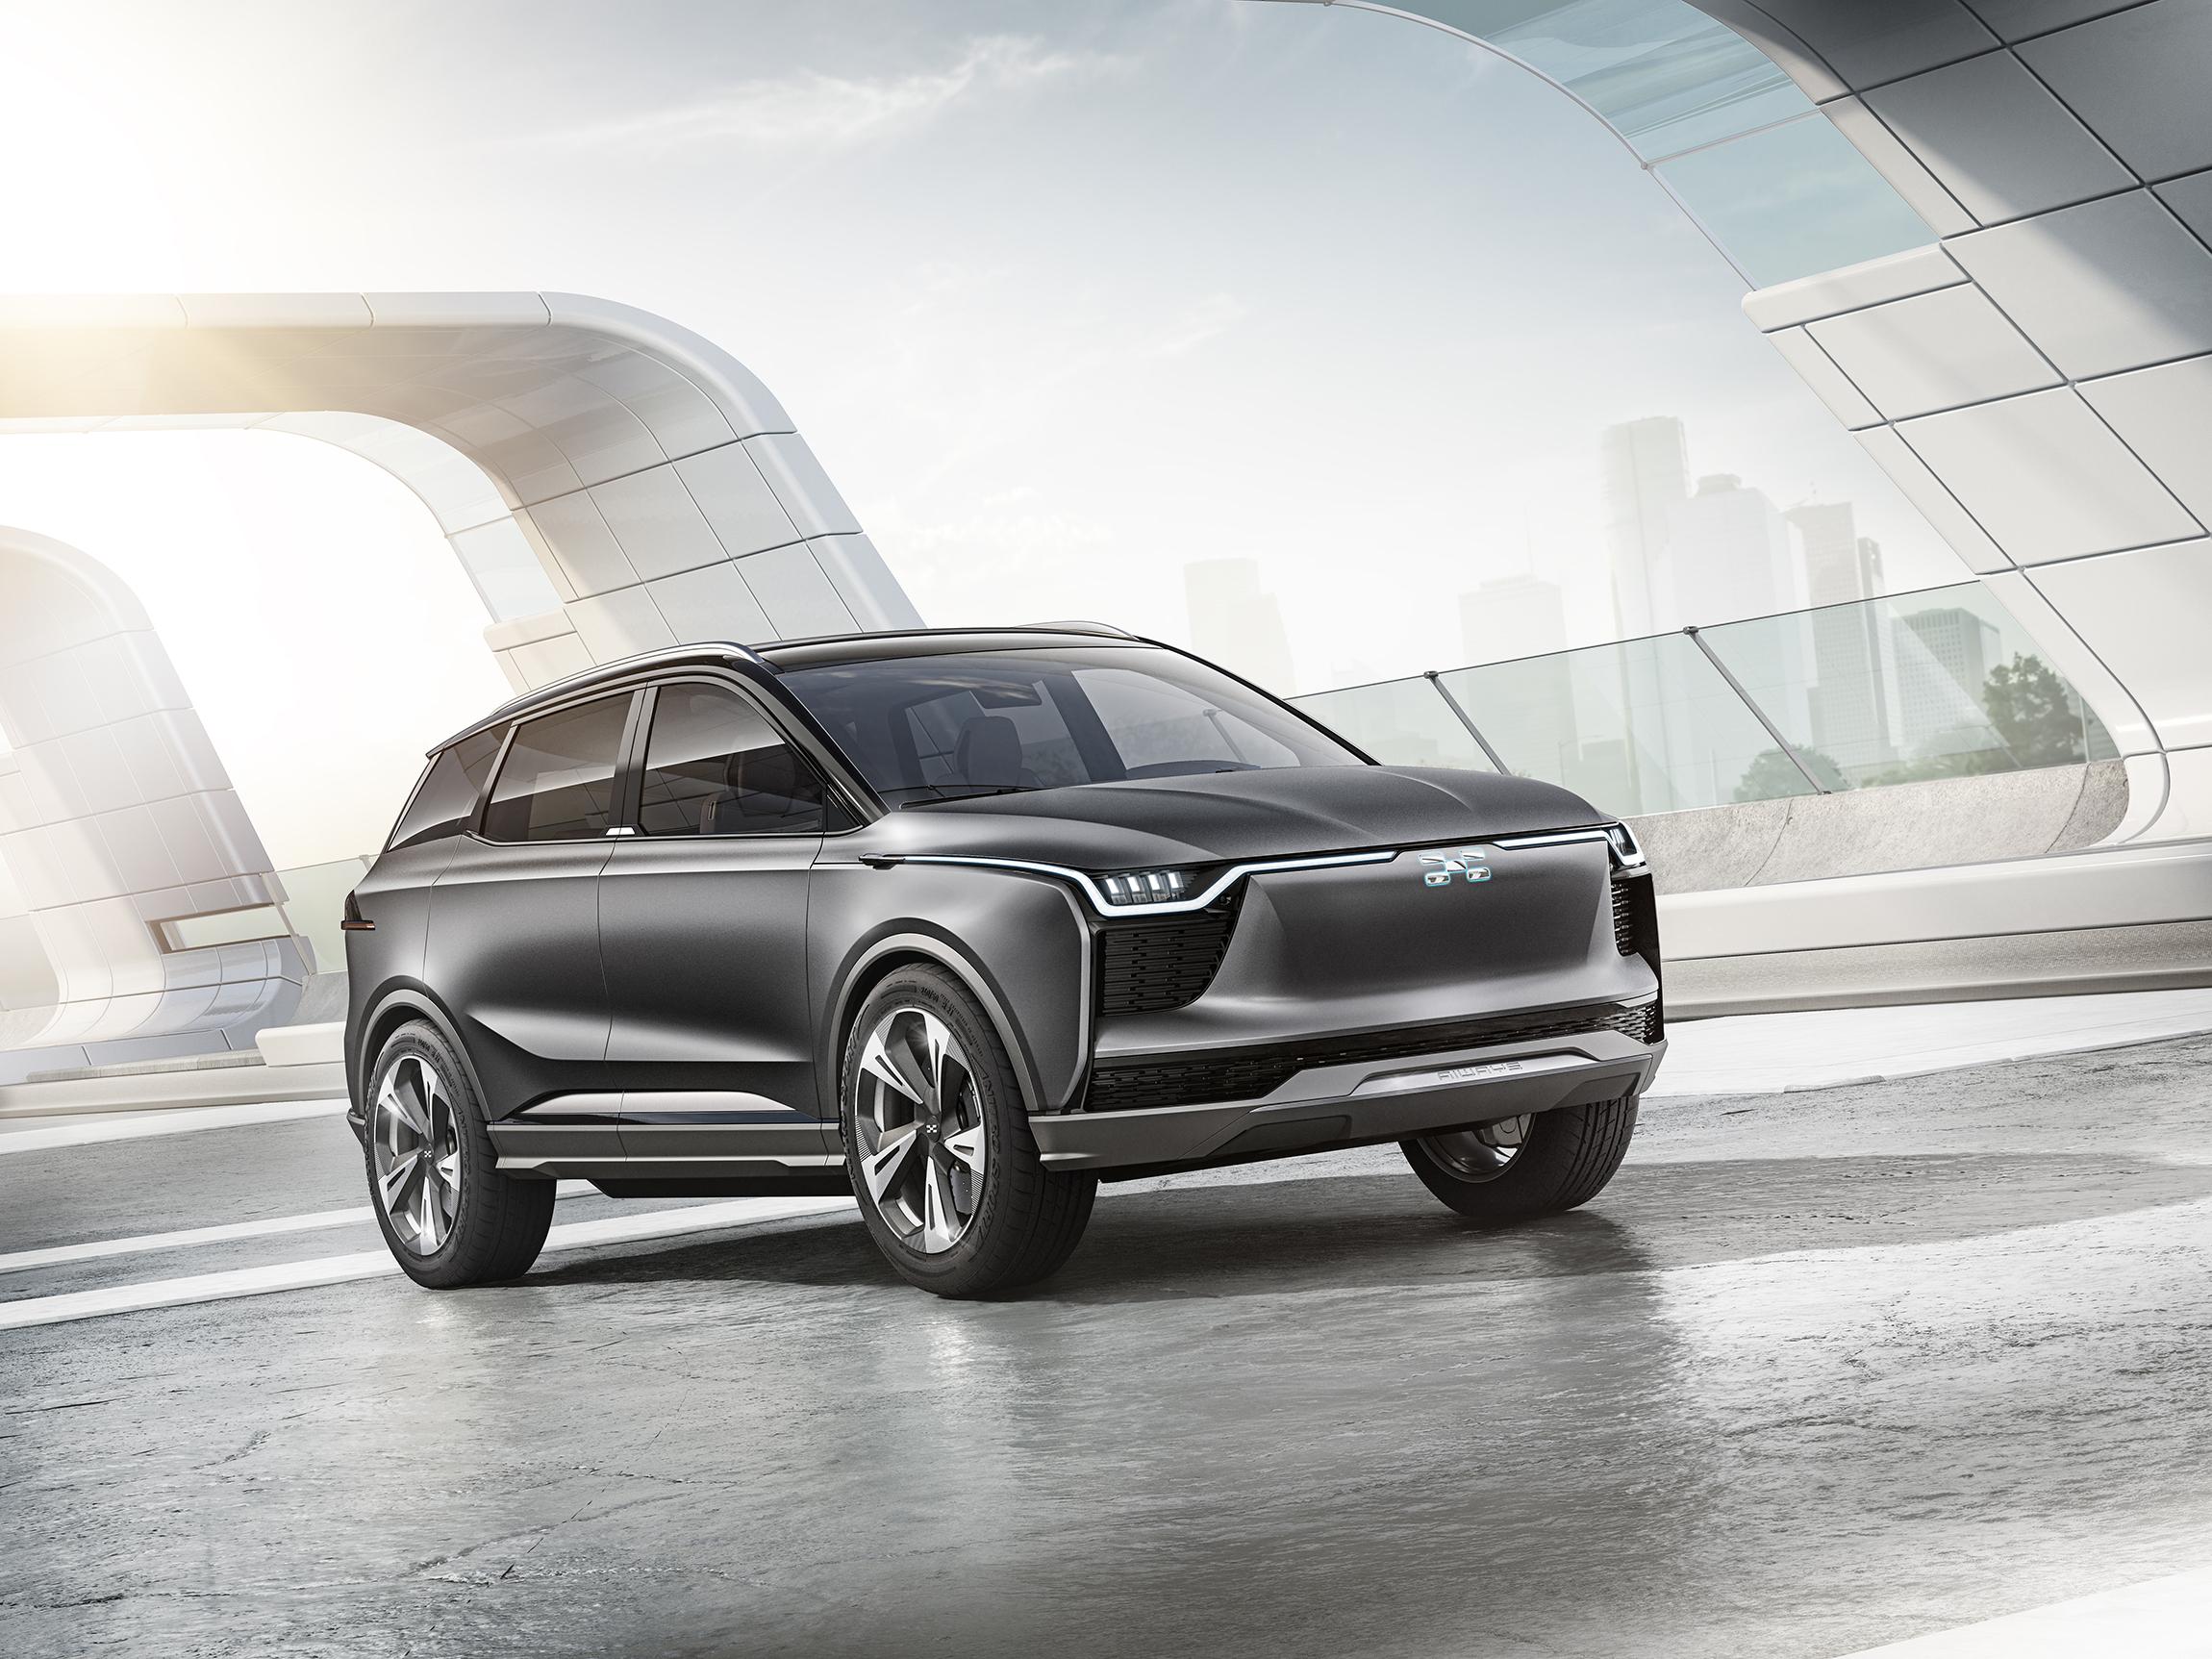 定名U5-ION 爱驰汽车首款纯电动SUV官图发布(第1页) -